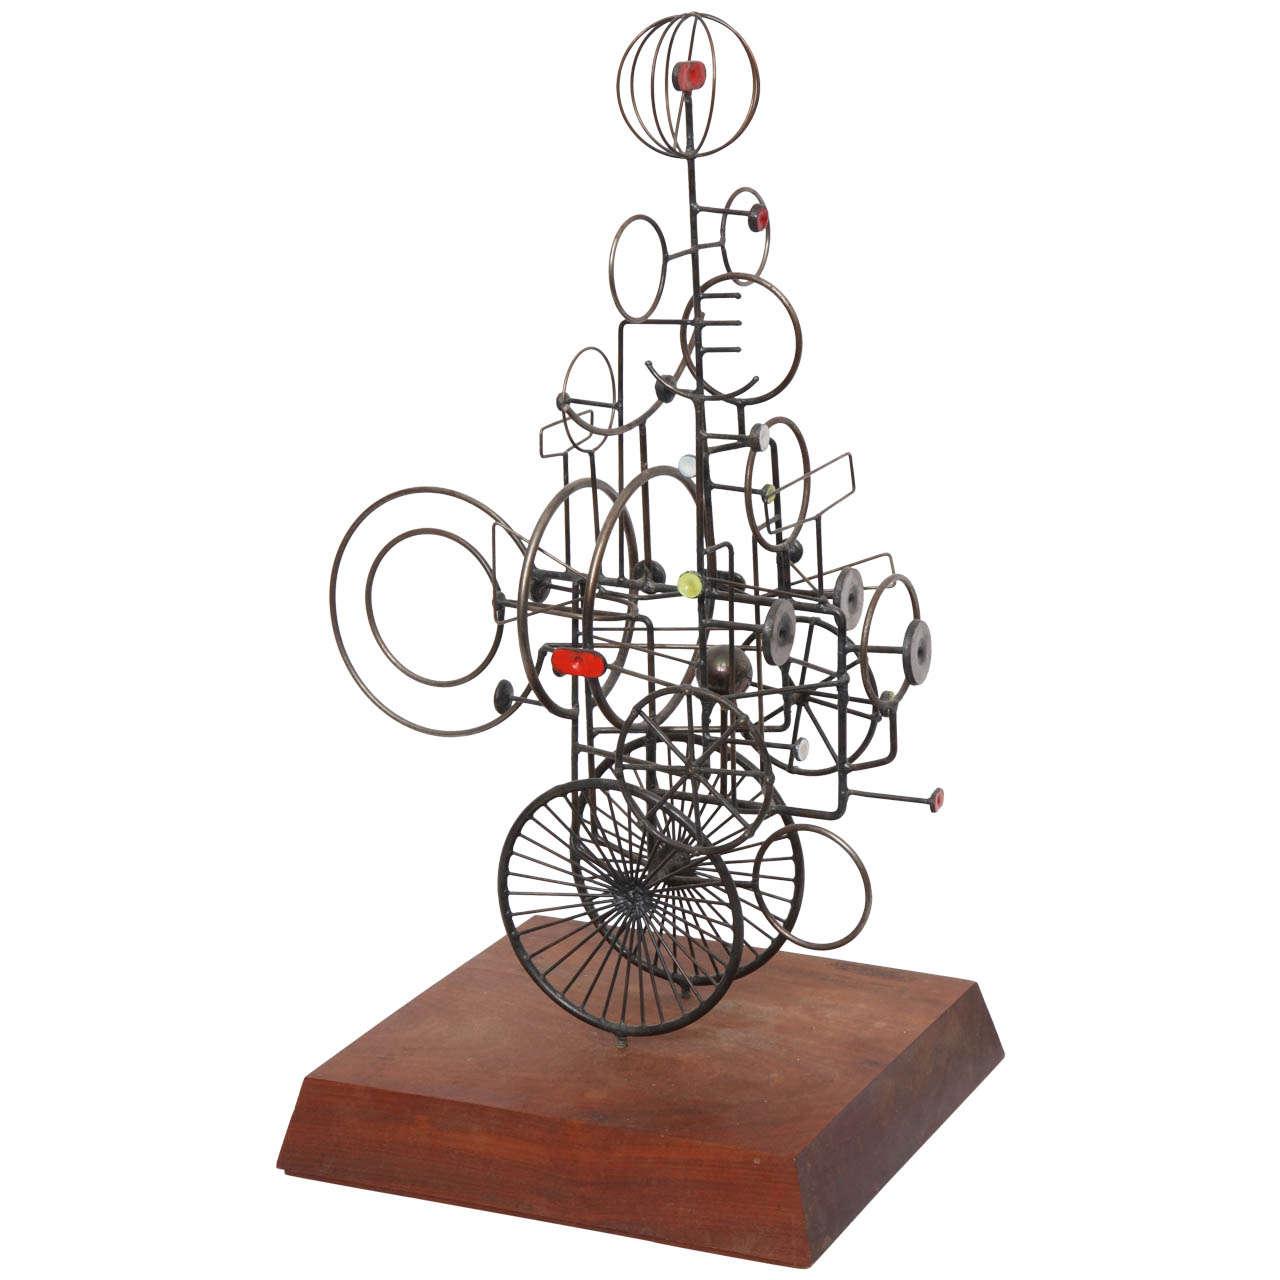 Modernist Metal and Enamel Sculpture Signed J.A. Burlini, 1971